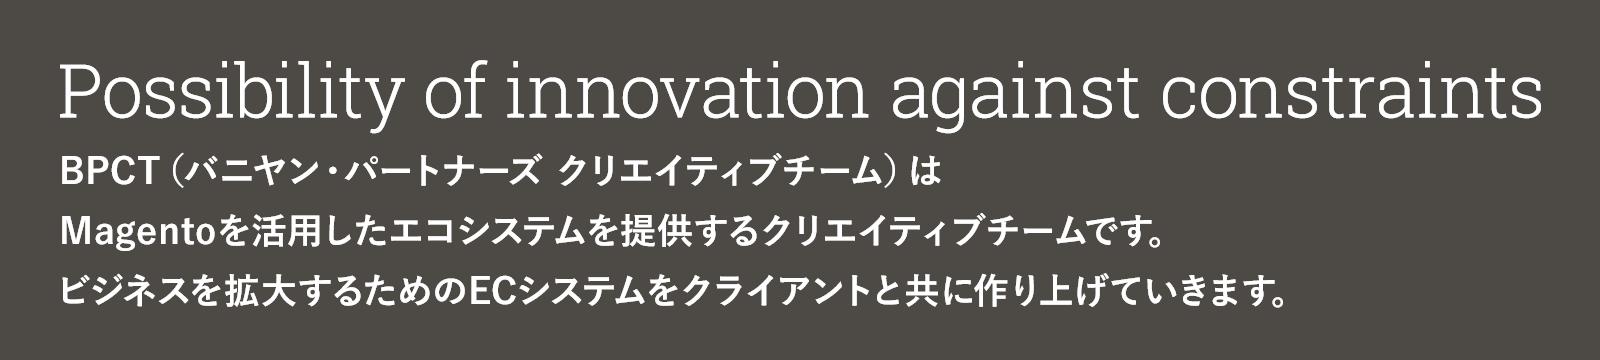 Possibility of innovation against constraints BPCTはMagentoを活用したエコシステムを提供するクリエイティブチームです。ビジネスを拡大するためのECシステムをクライアントと共に作り上げていきます。